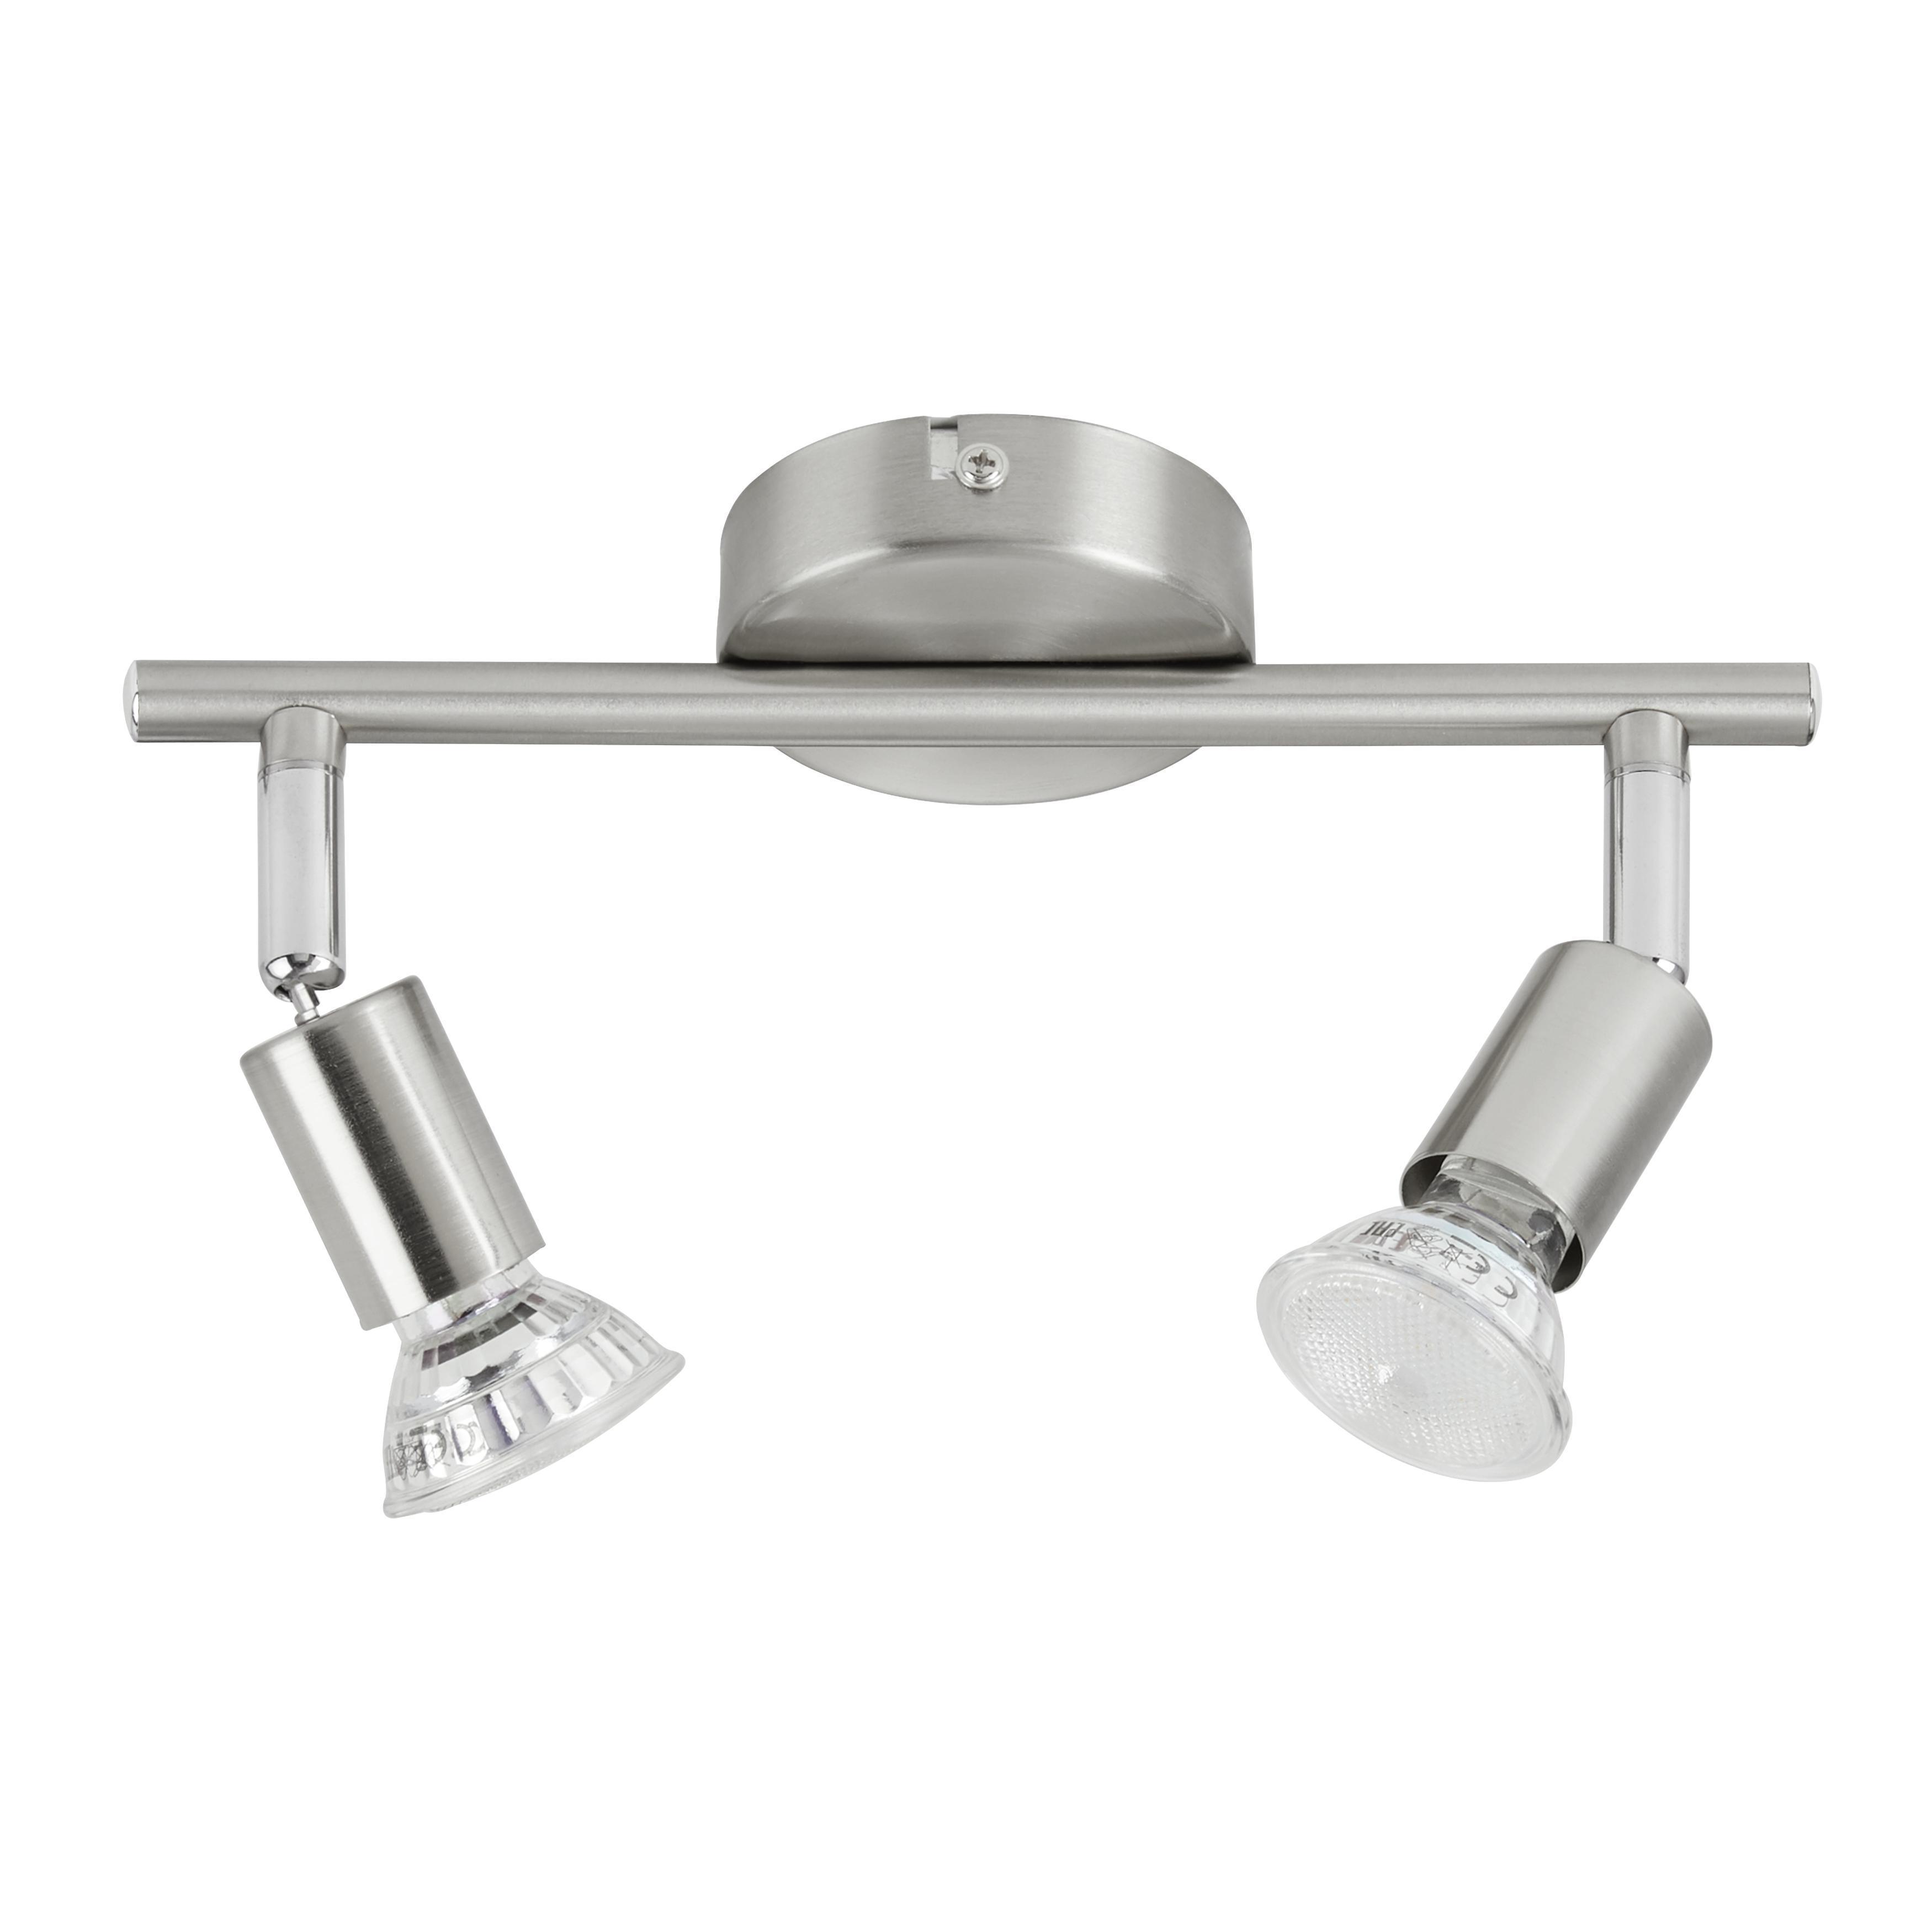 LED Strahler Fritz, max. 2x3 Watt